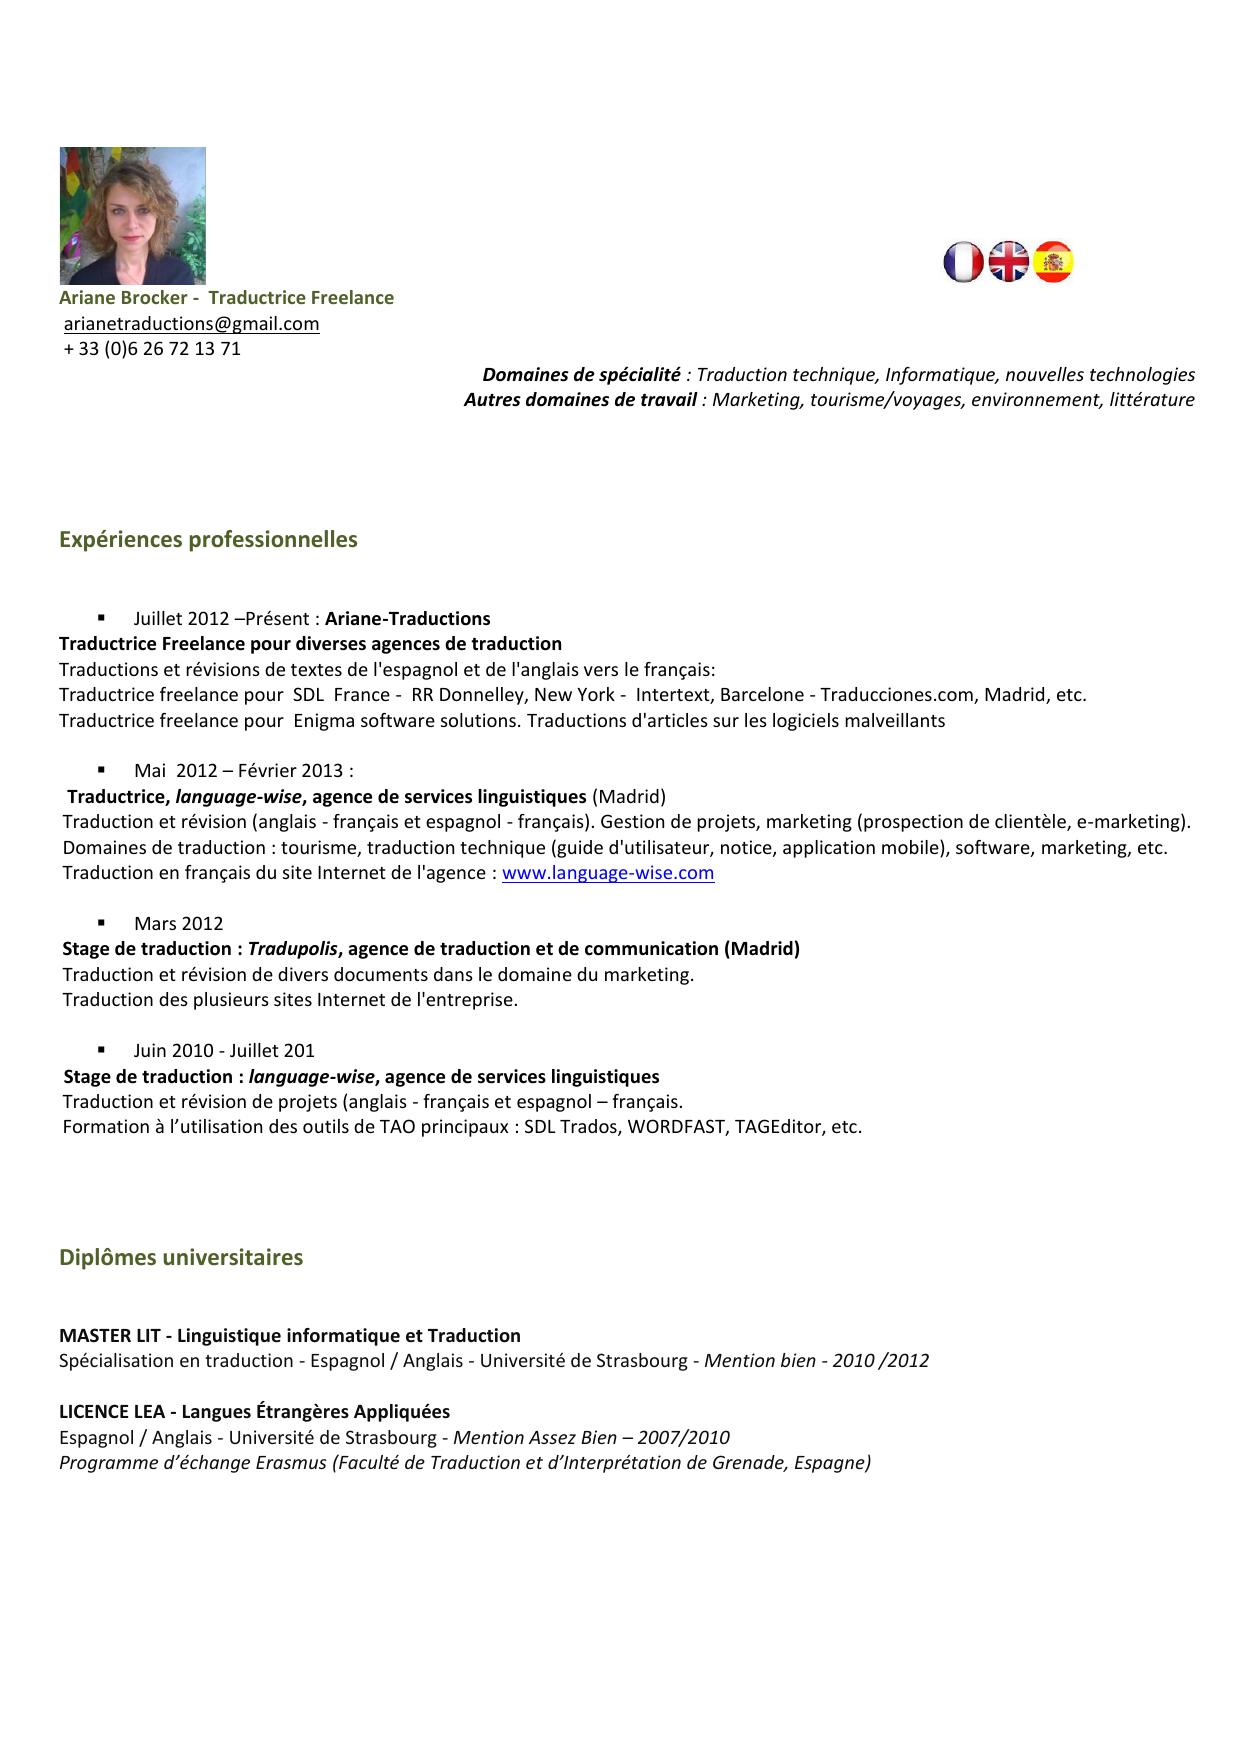 Experiences Professionnelles Diplomes Universitaires